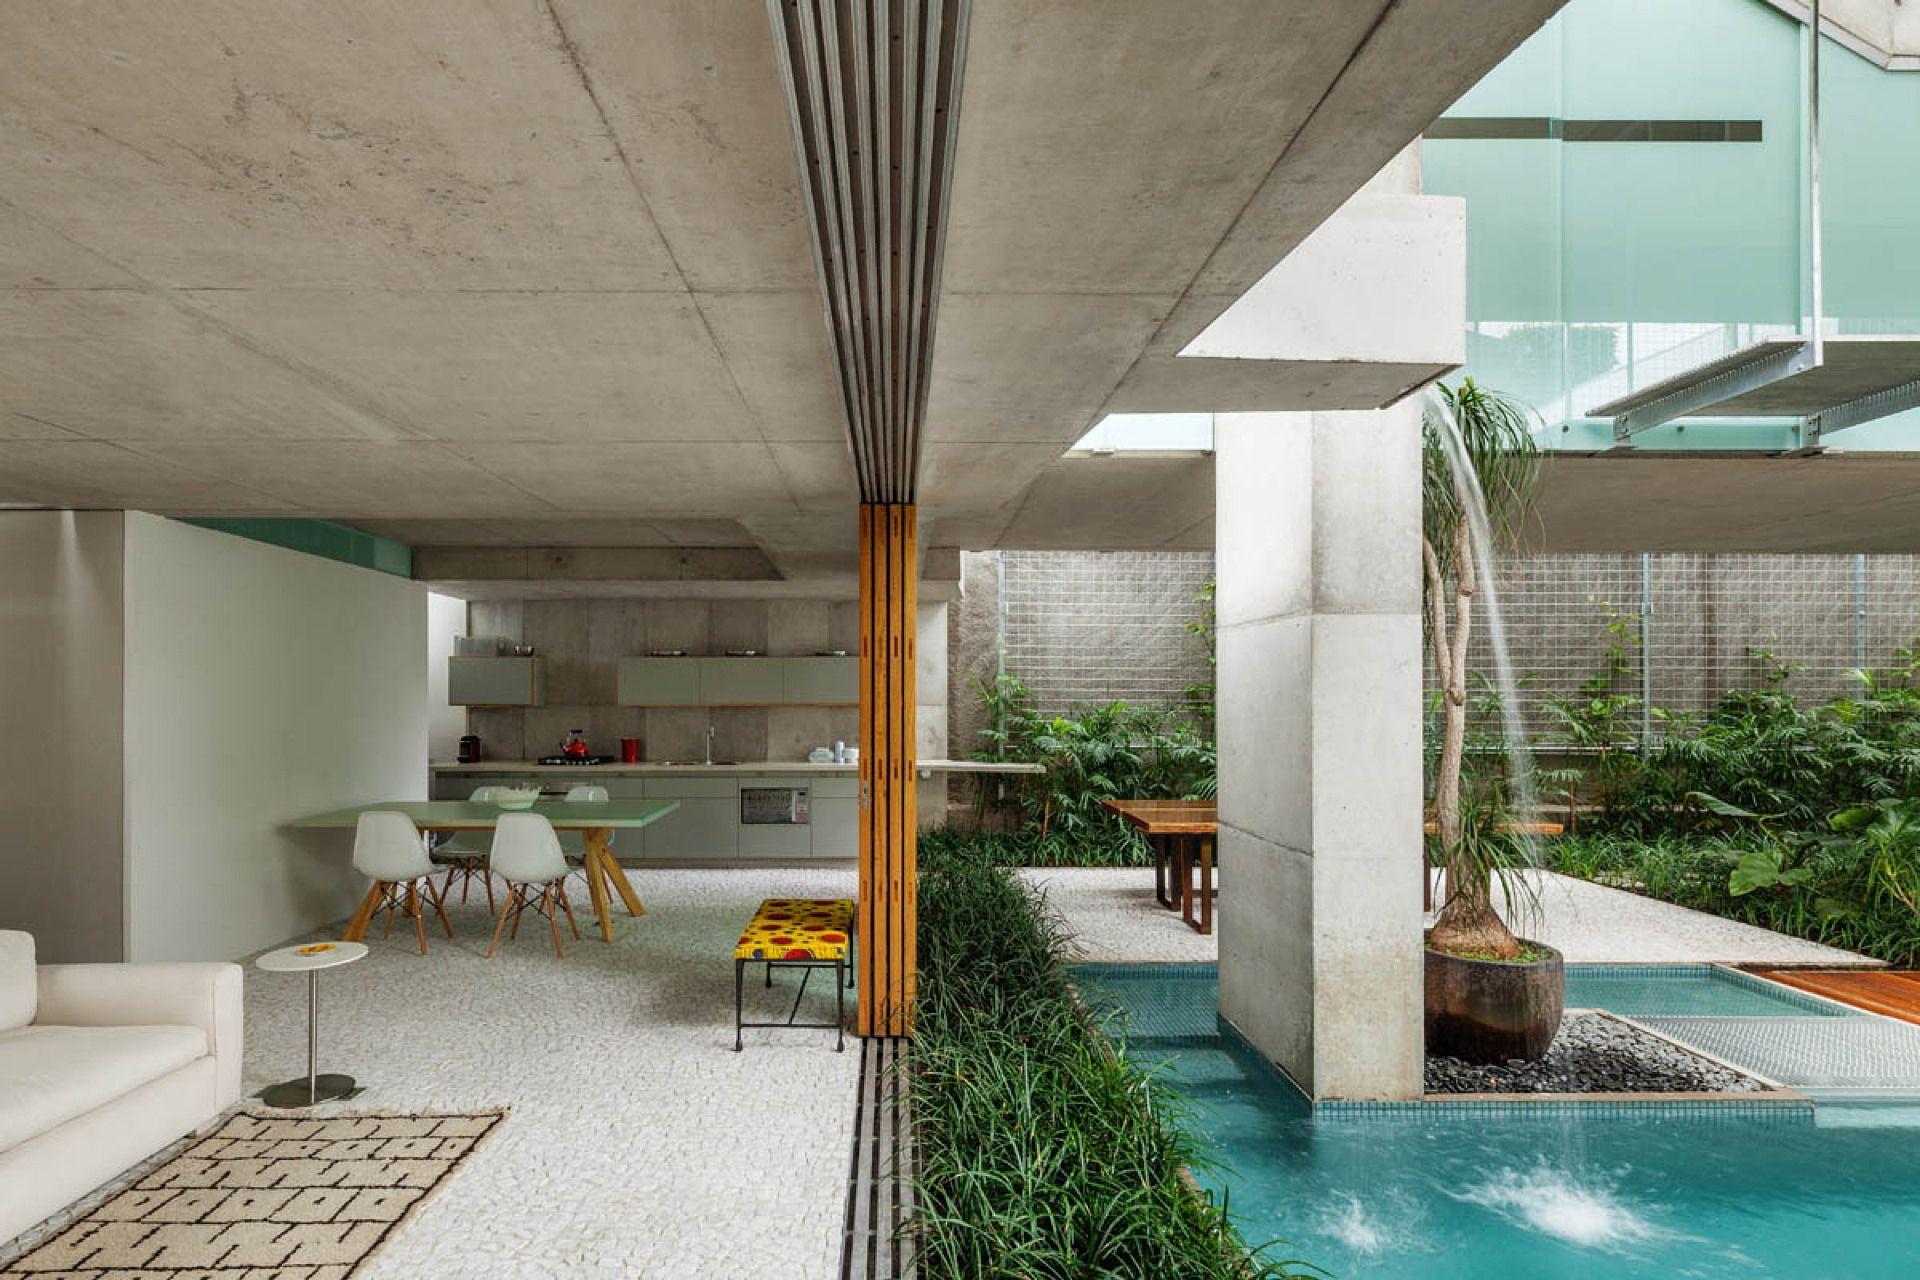 spbr arquitectos: casa per il fine-settimana a San Paolo